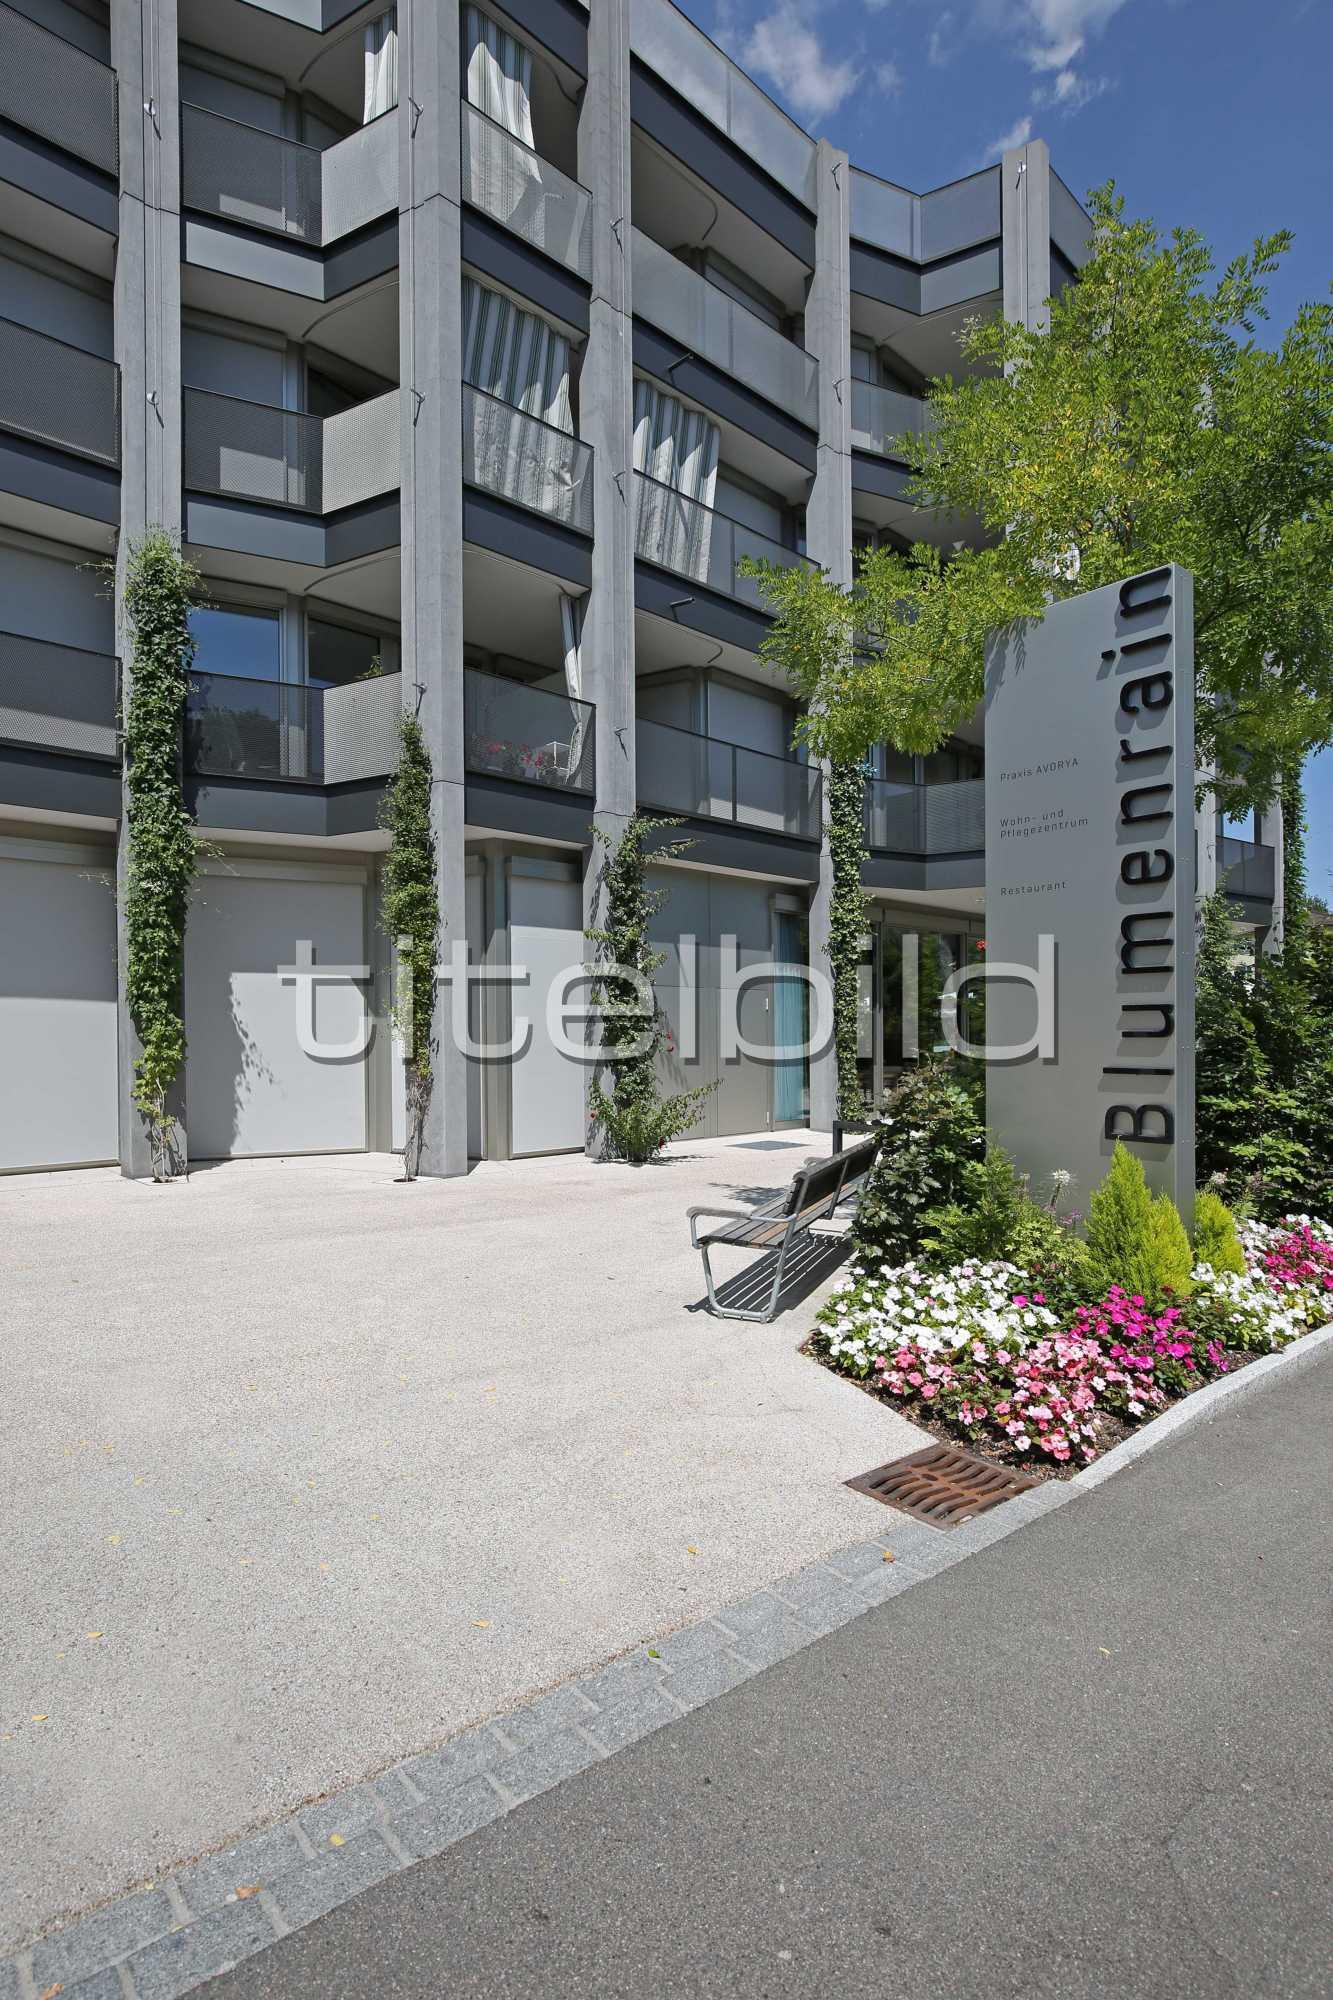 Projektbild-Nr. 11: Wohn- und Pflegezentrum Blumenrain